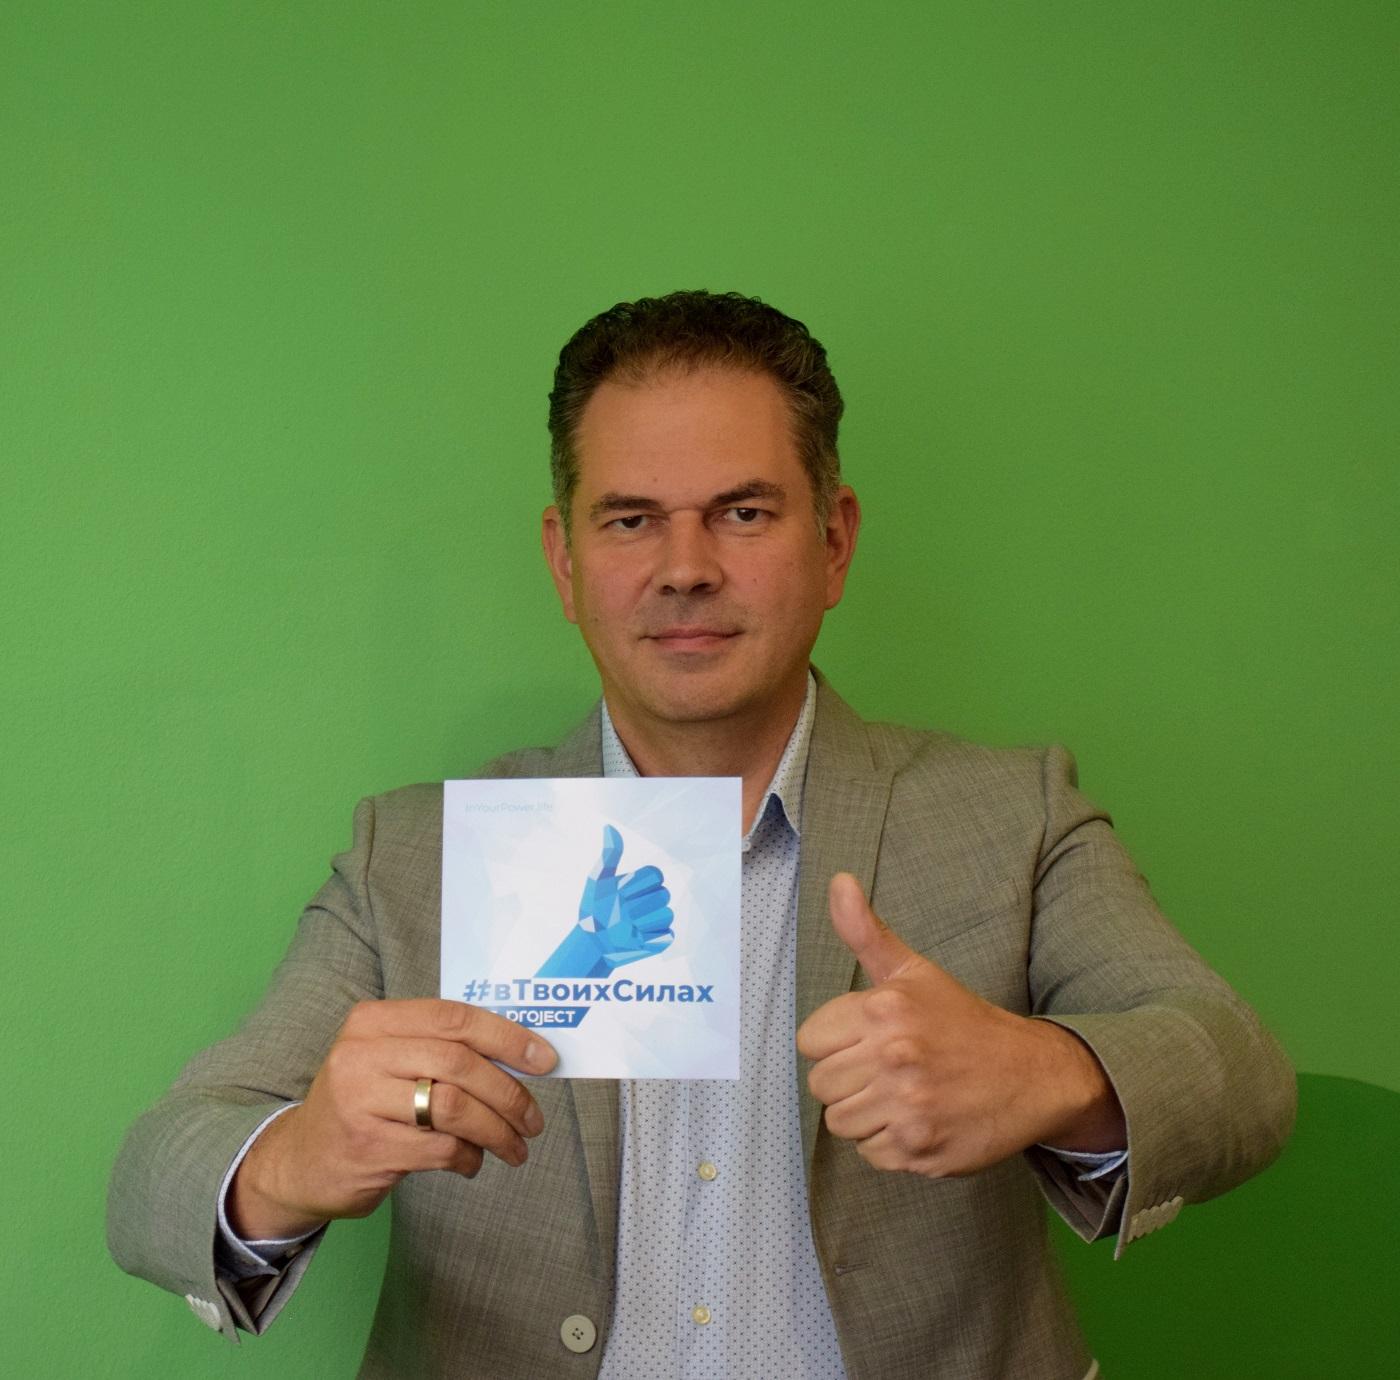 Андрей Клепиков, Исполнительный директор Альянса общественного здоровья